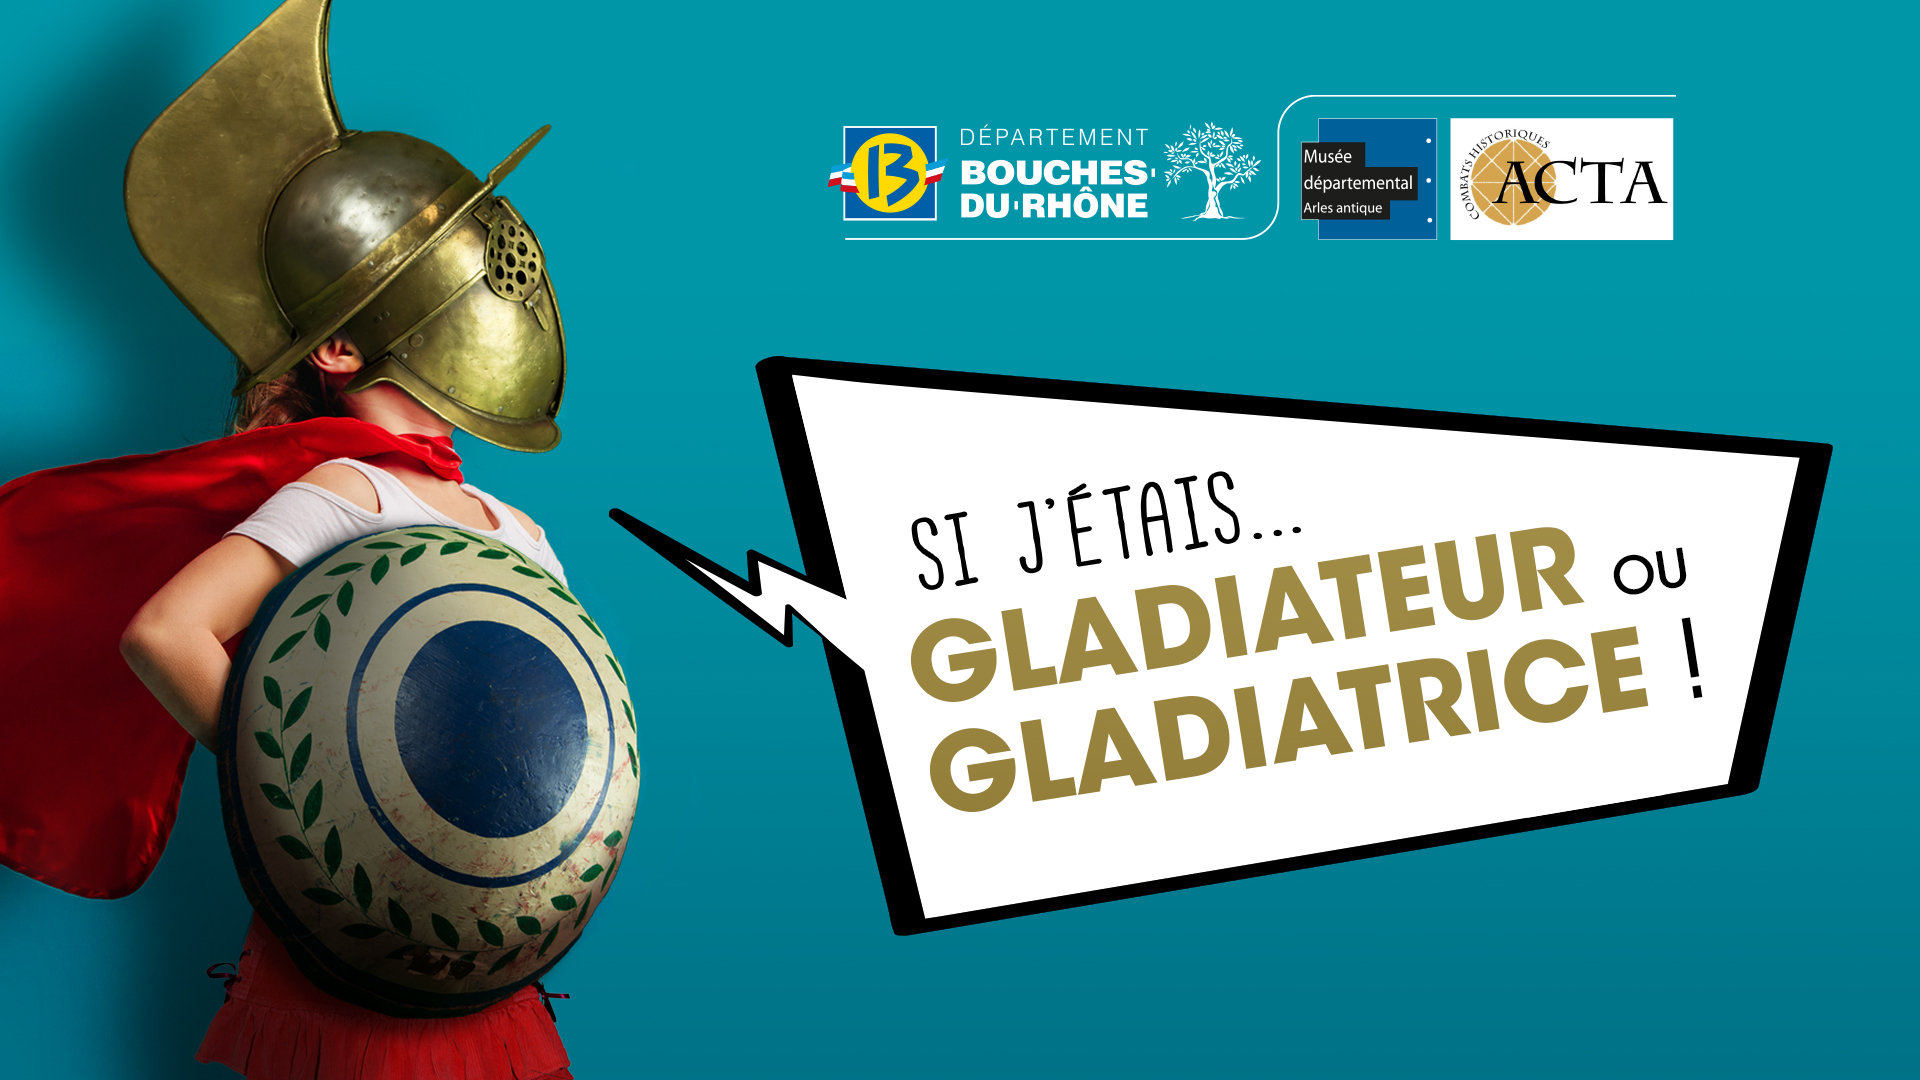 Ludique, interactive et pédagogique, venez vivre une aventure unique dans l'univers de la gladiature. Découvrez le type de gladiateur ou de gladiatrice que vous auriez pu être.